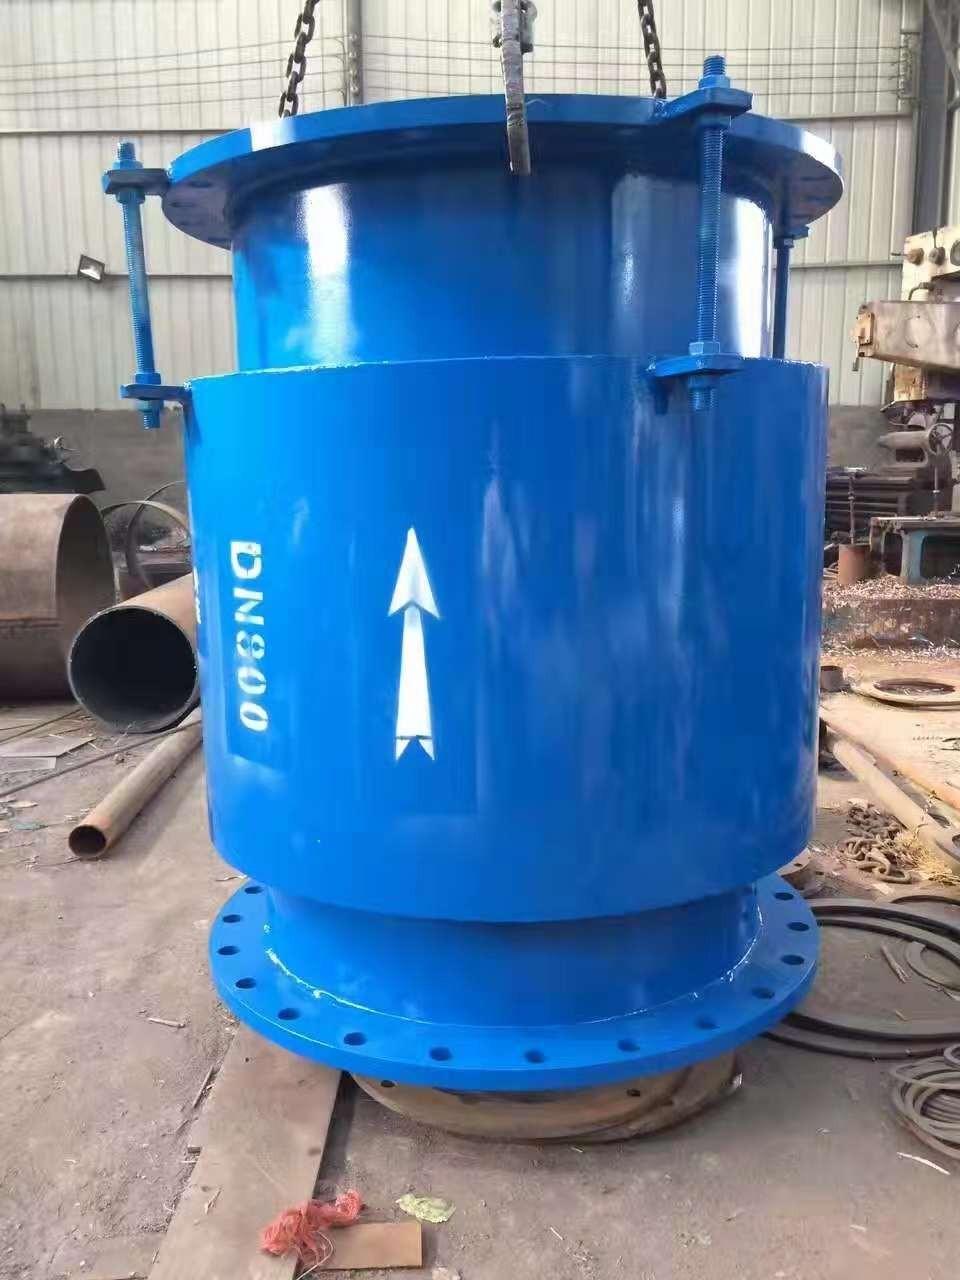 城镇供暖管道中套筒补偿器的使用方法